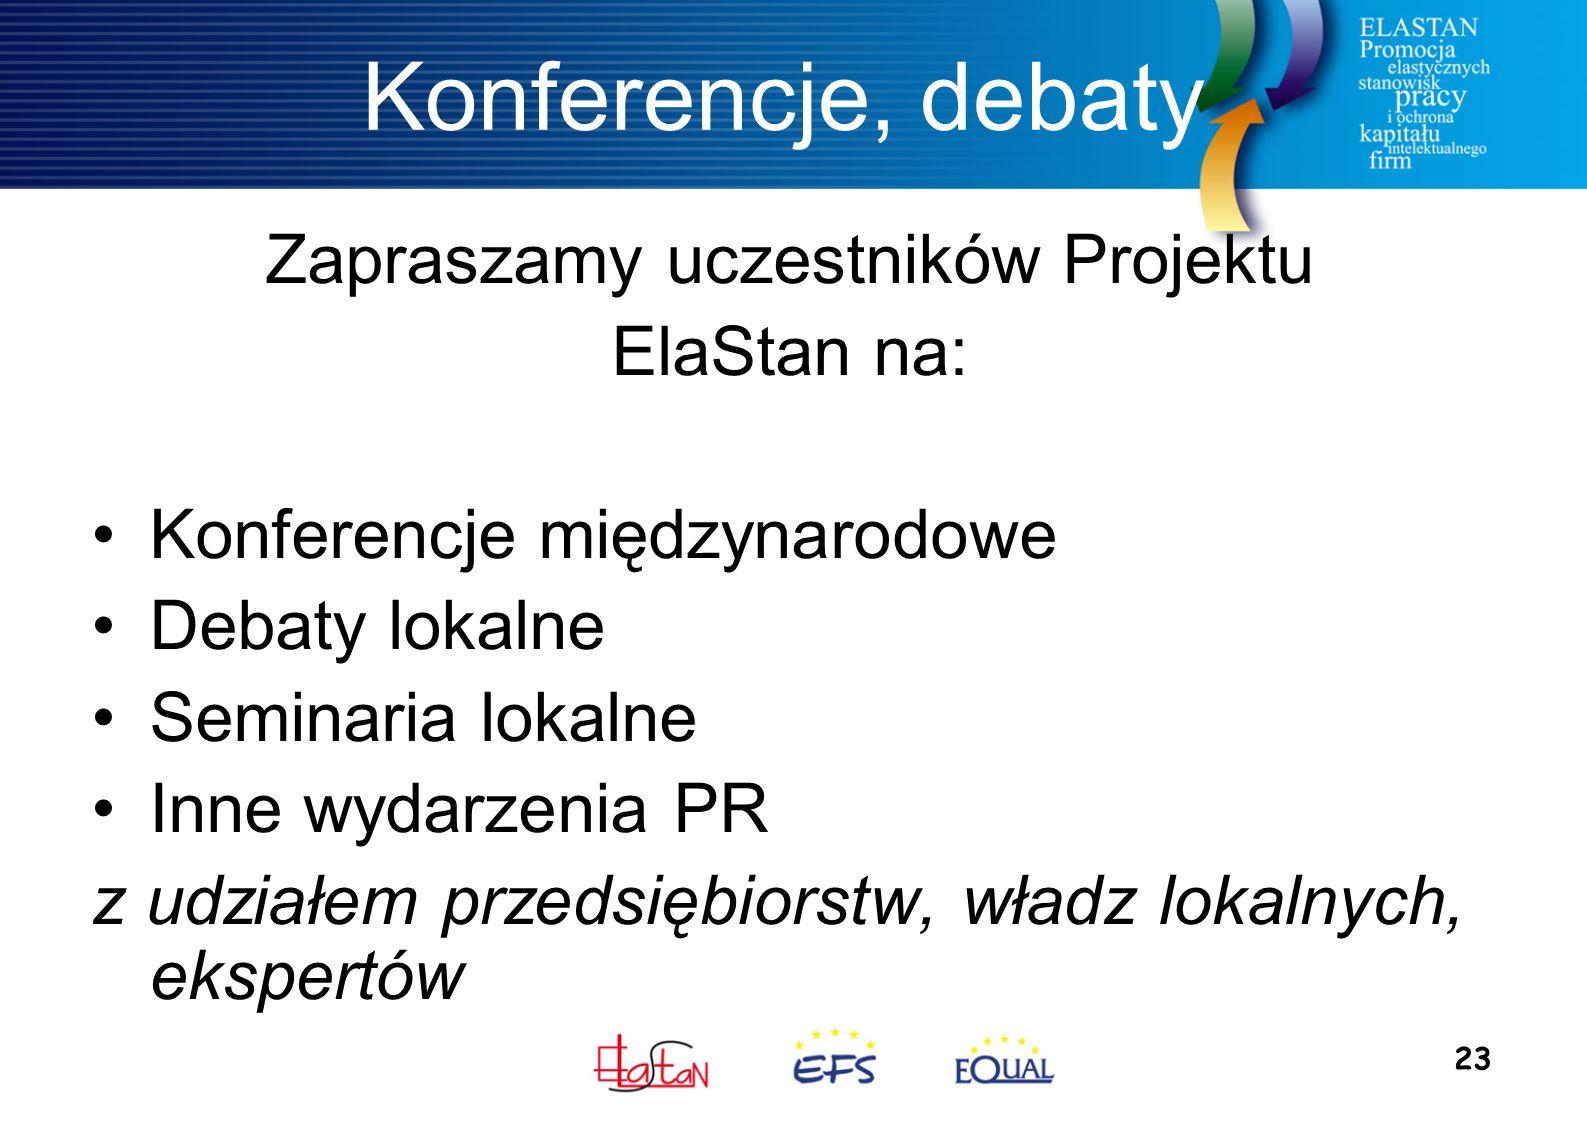 23 Konferencje, debaty Zapraszamy uczestników Projektu ElaStan na: Konferencje międzynarodowe Debaty lokalne Seminaria lokalne Inne wydarzenia PR z udziałem przedsiębiorstw, władz lokalnych, ekspertów